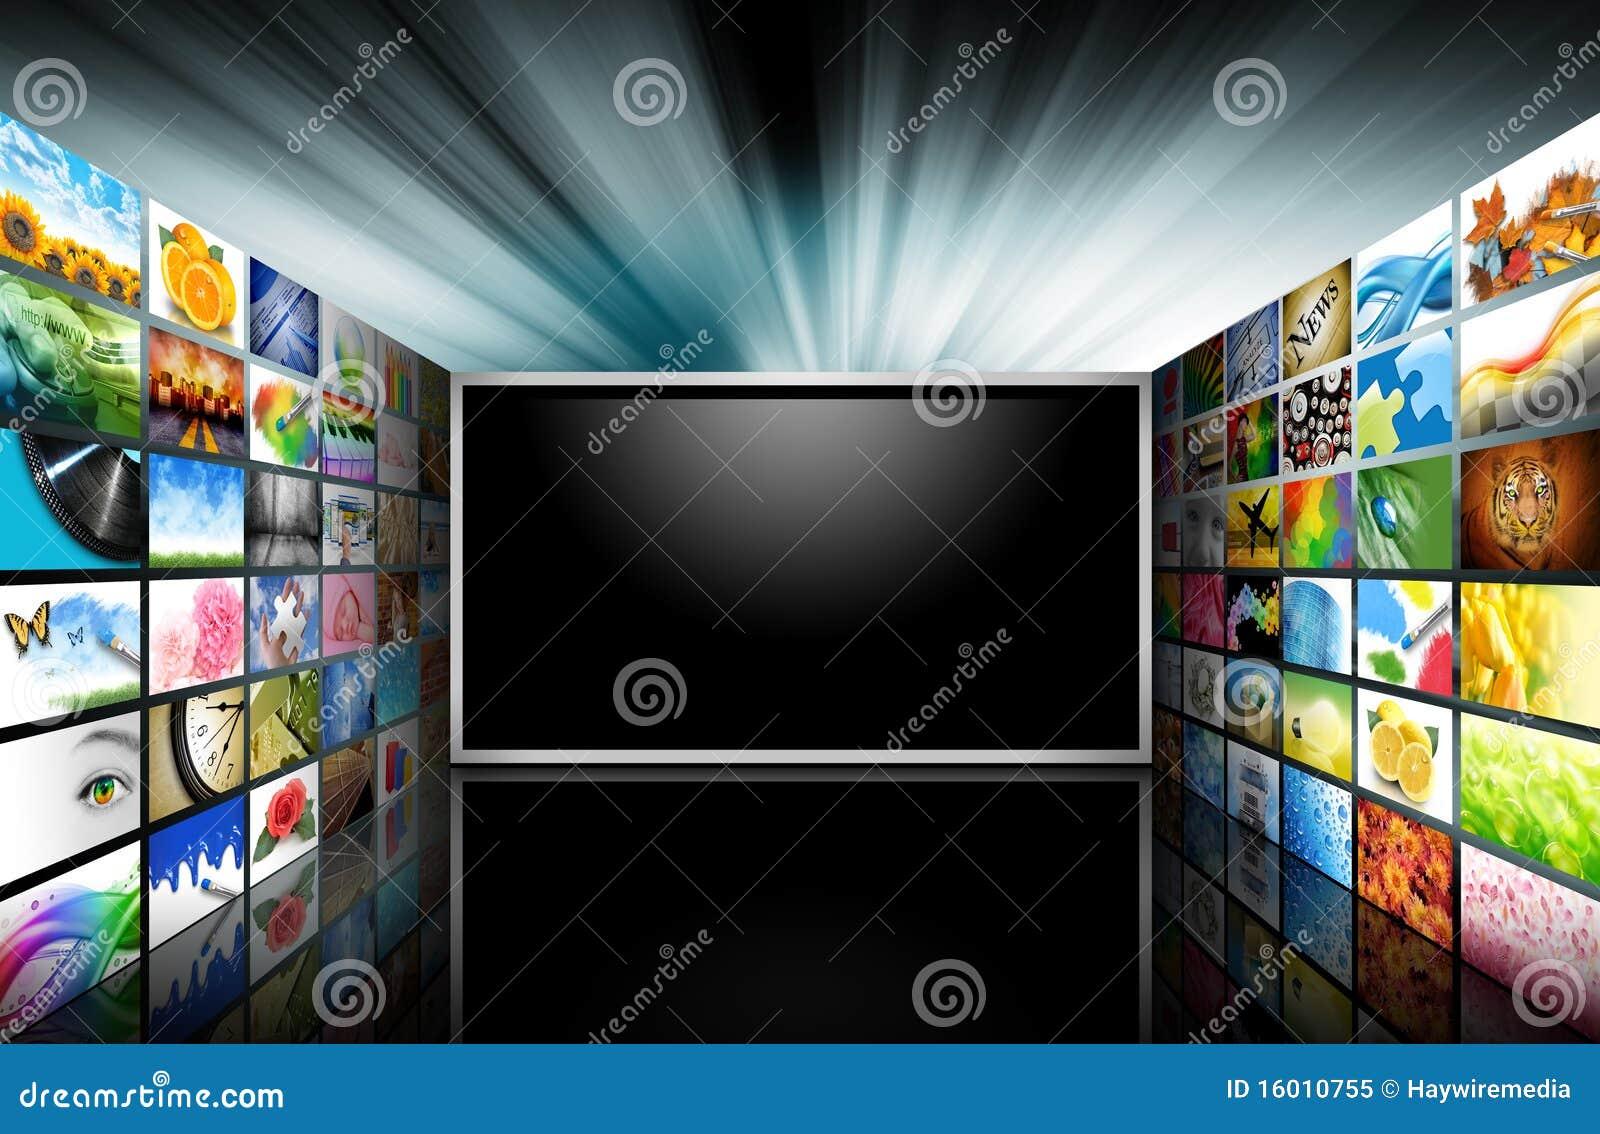 平面的图象筛选电视